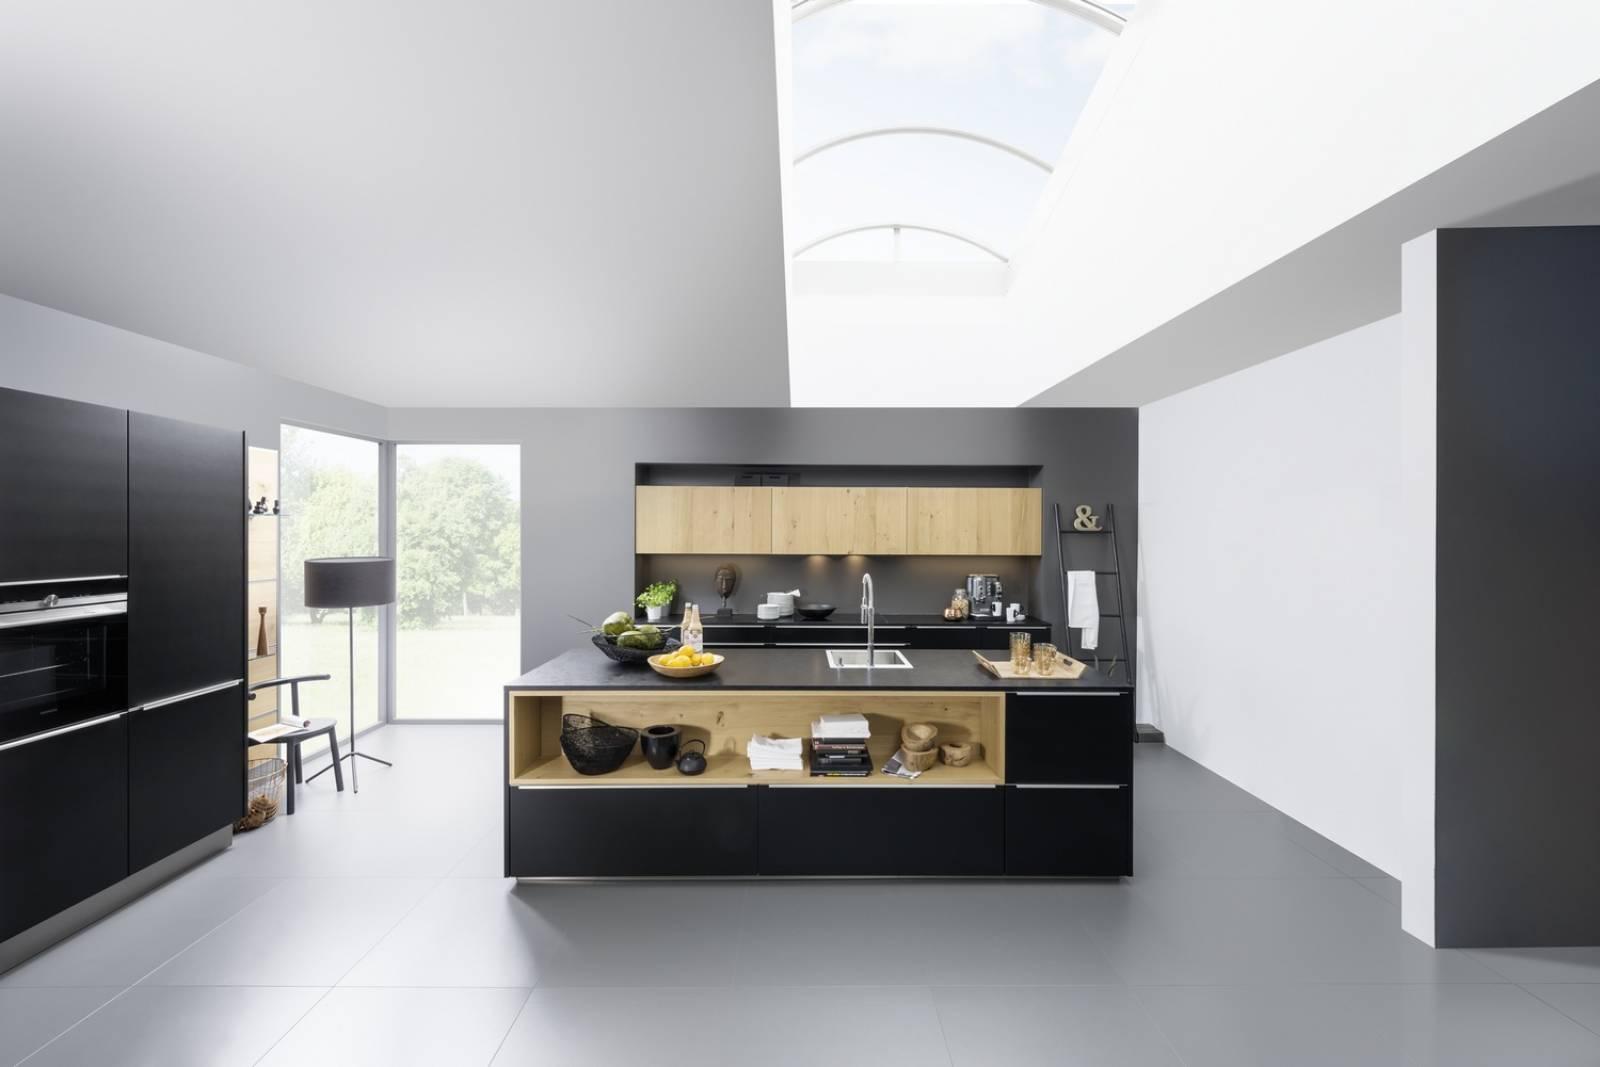 cuisine sur mesure pour les programmes vinci immobilier lyon lyon adc cuisine. Black Bedroom Furniture Sets. Home Design Ideas